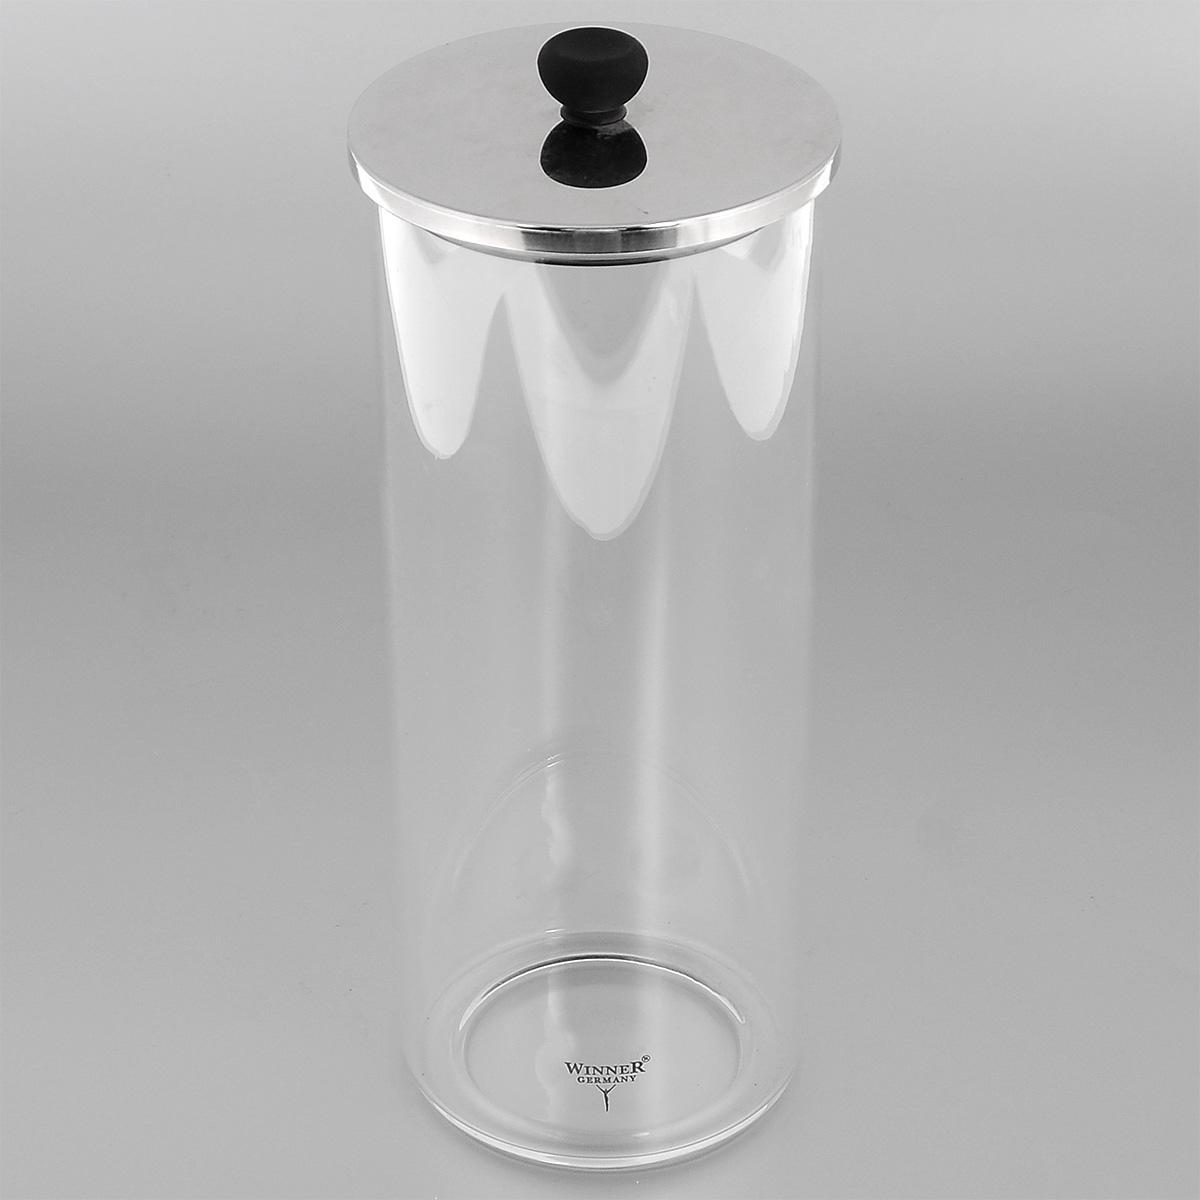 Контейнер для сыпучих продуктов Winner, 1,4 лWR-6906Контейнер Winner, выполненный из высококачественного стекла, станет незаменимым помощником на кухне. В нем будет удобно хранить разнообразные сыпучие продукты, такие как кофе, крупы, макароны или специи. Контейнер снабжен герметичной крышкой из нержавеющей стали с силиконовым уплотнителем, благодаря чему продукты в нем дольше останутся свежими. Контейнер Winner станет достойным дополнением к кухонному инвентарю.Диаметр: 9 см.Высота (без учета крышки): 24 см.Объем: 1,4 л.